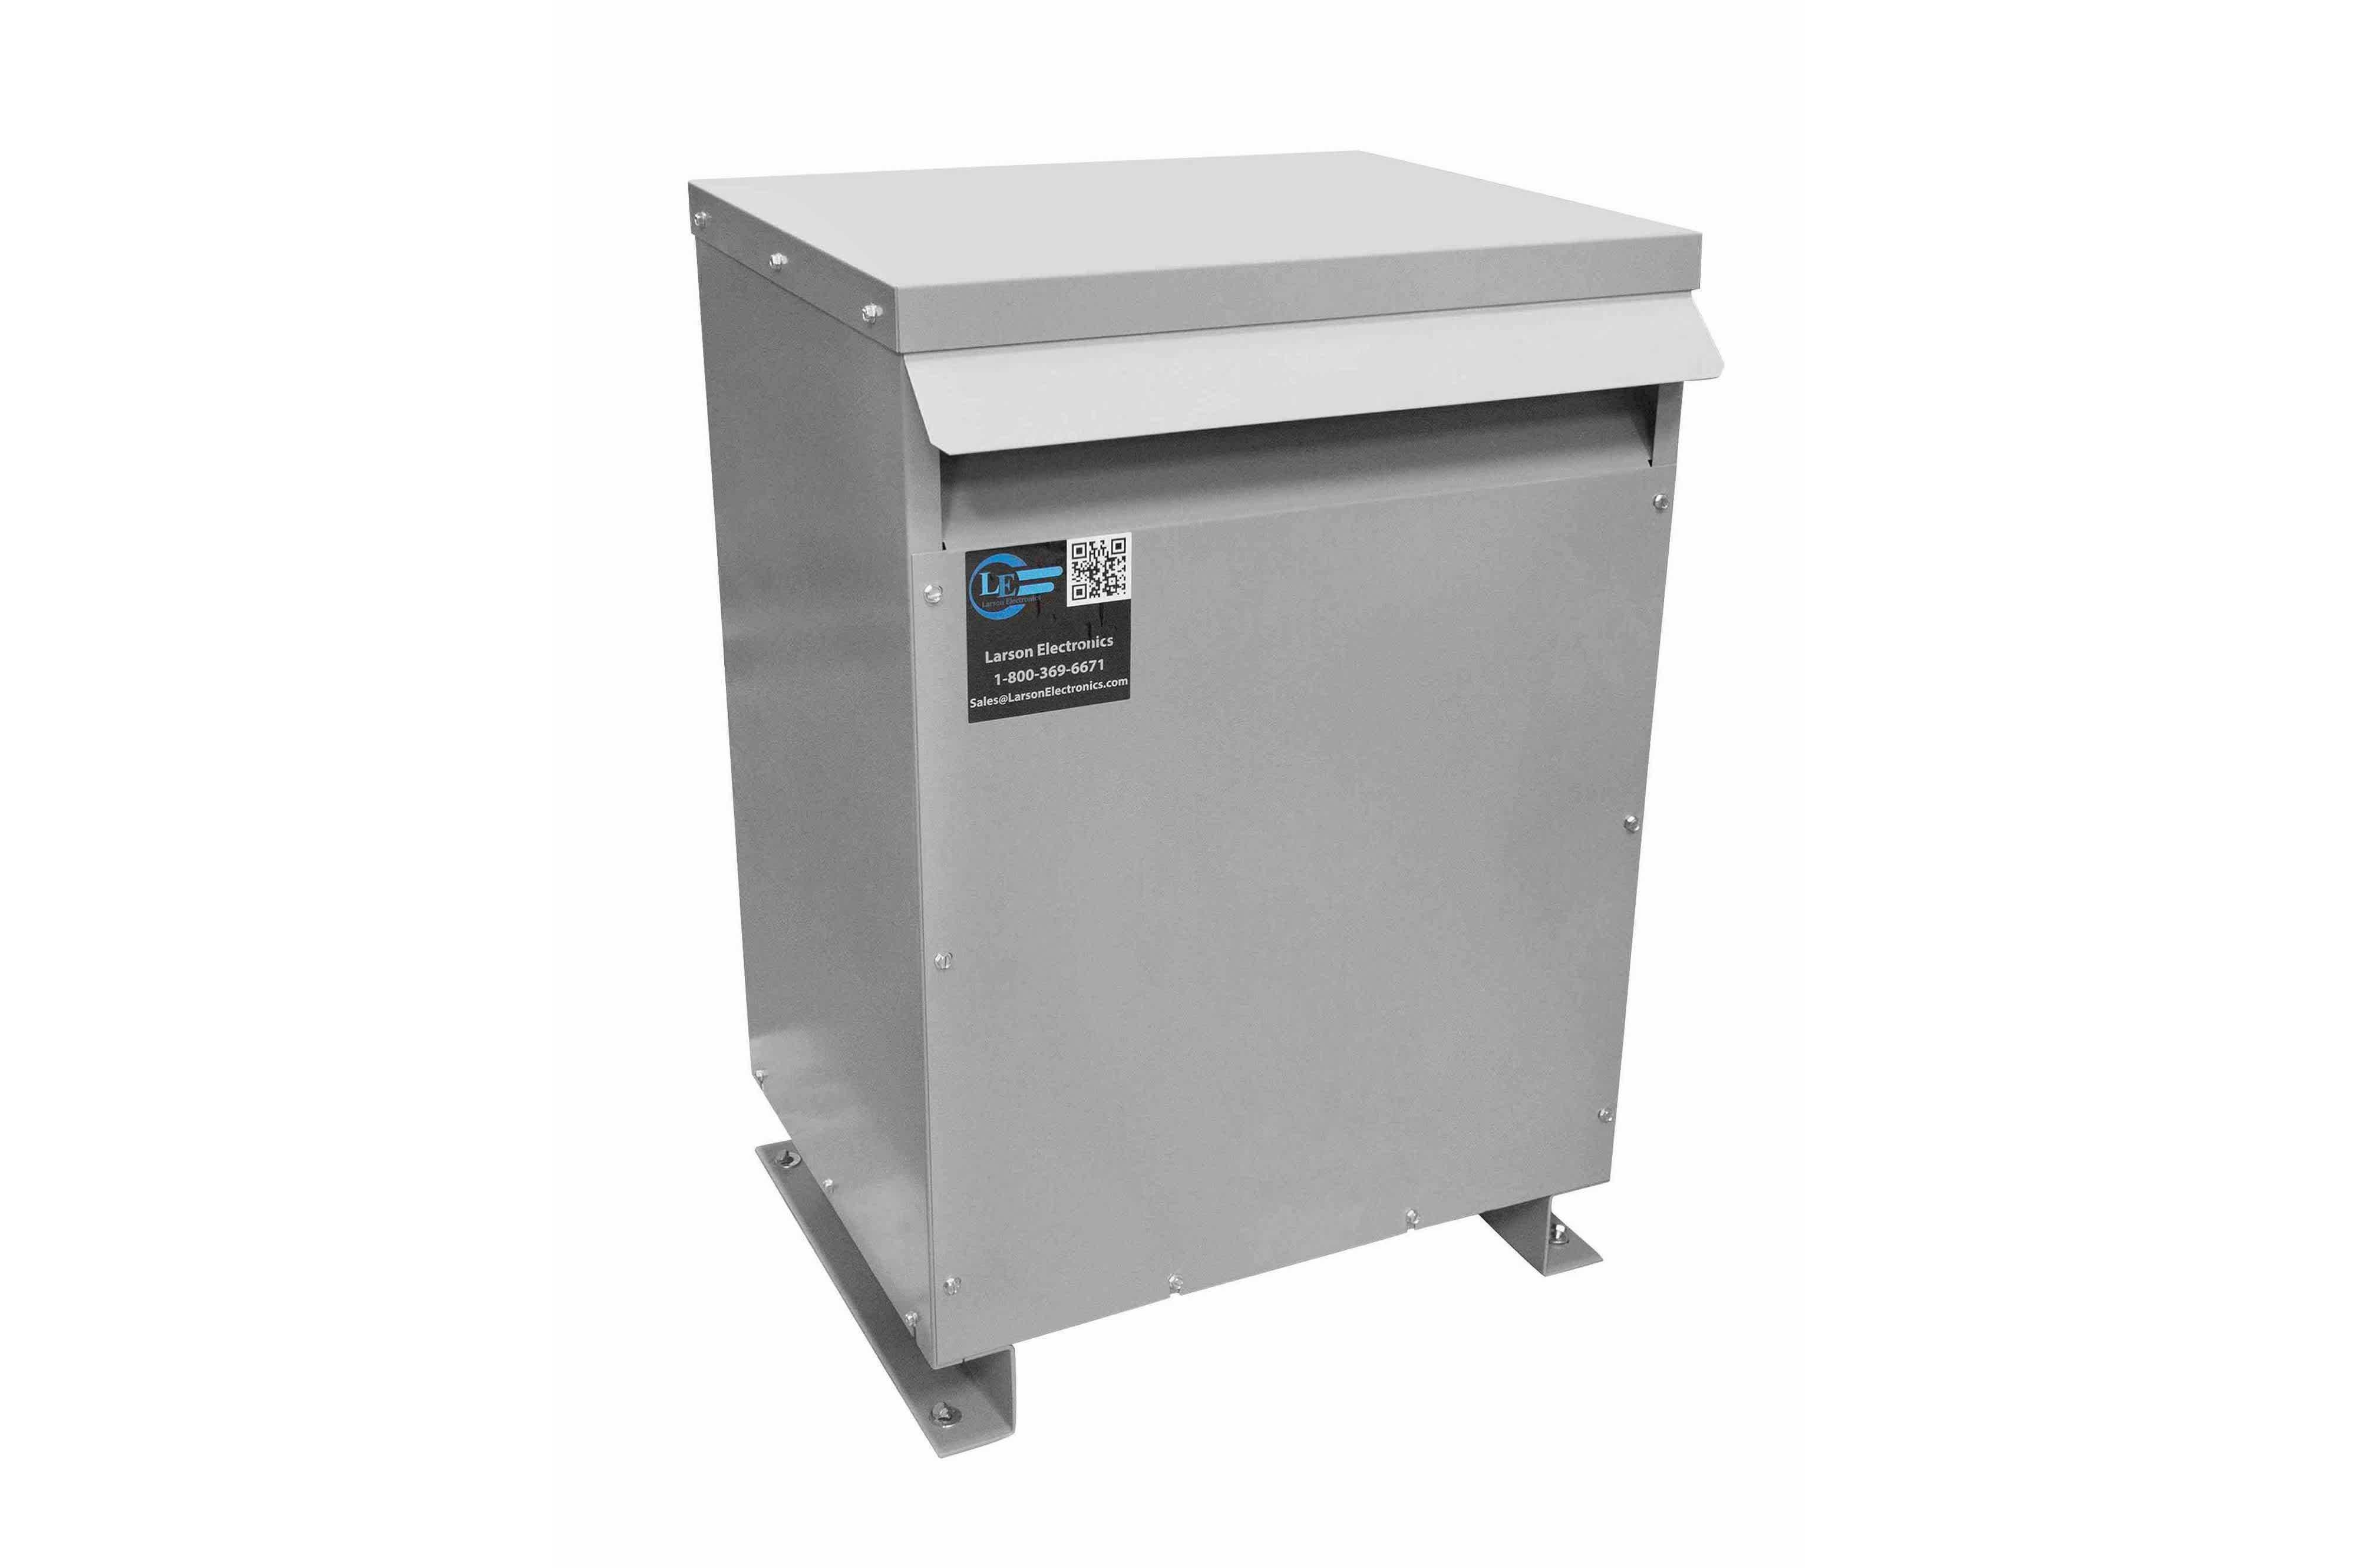 14 kVA 3PH Isolation Transformer, 400V Delta Primary, 240 Delta Secondary, N3R, Ventilated, 60 Hz